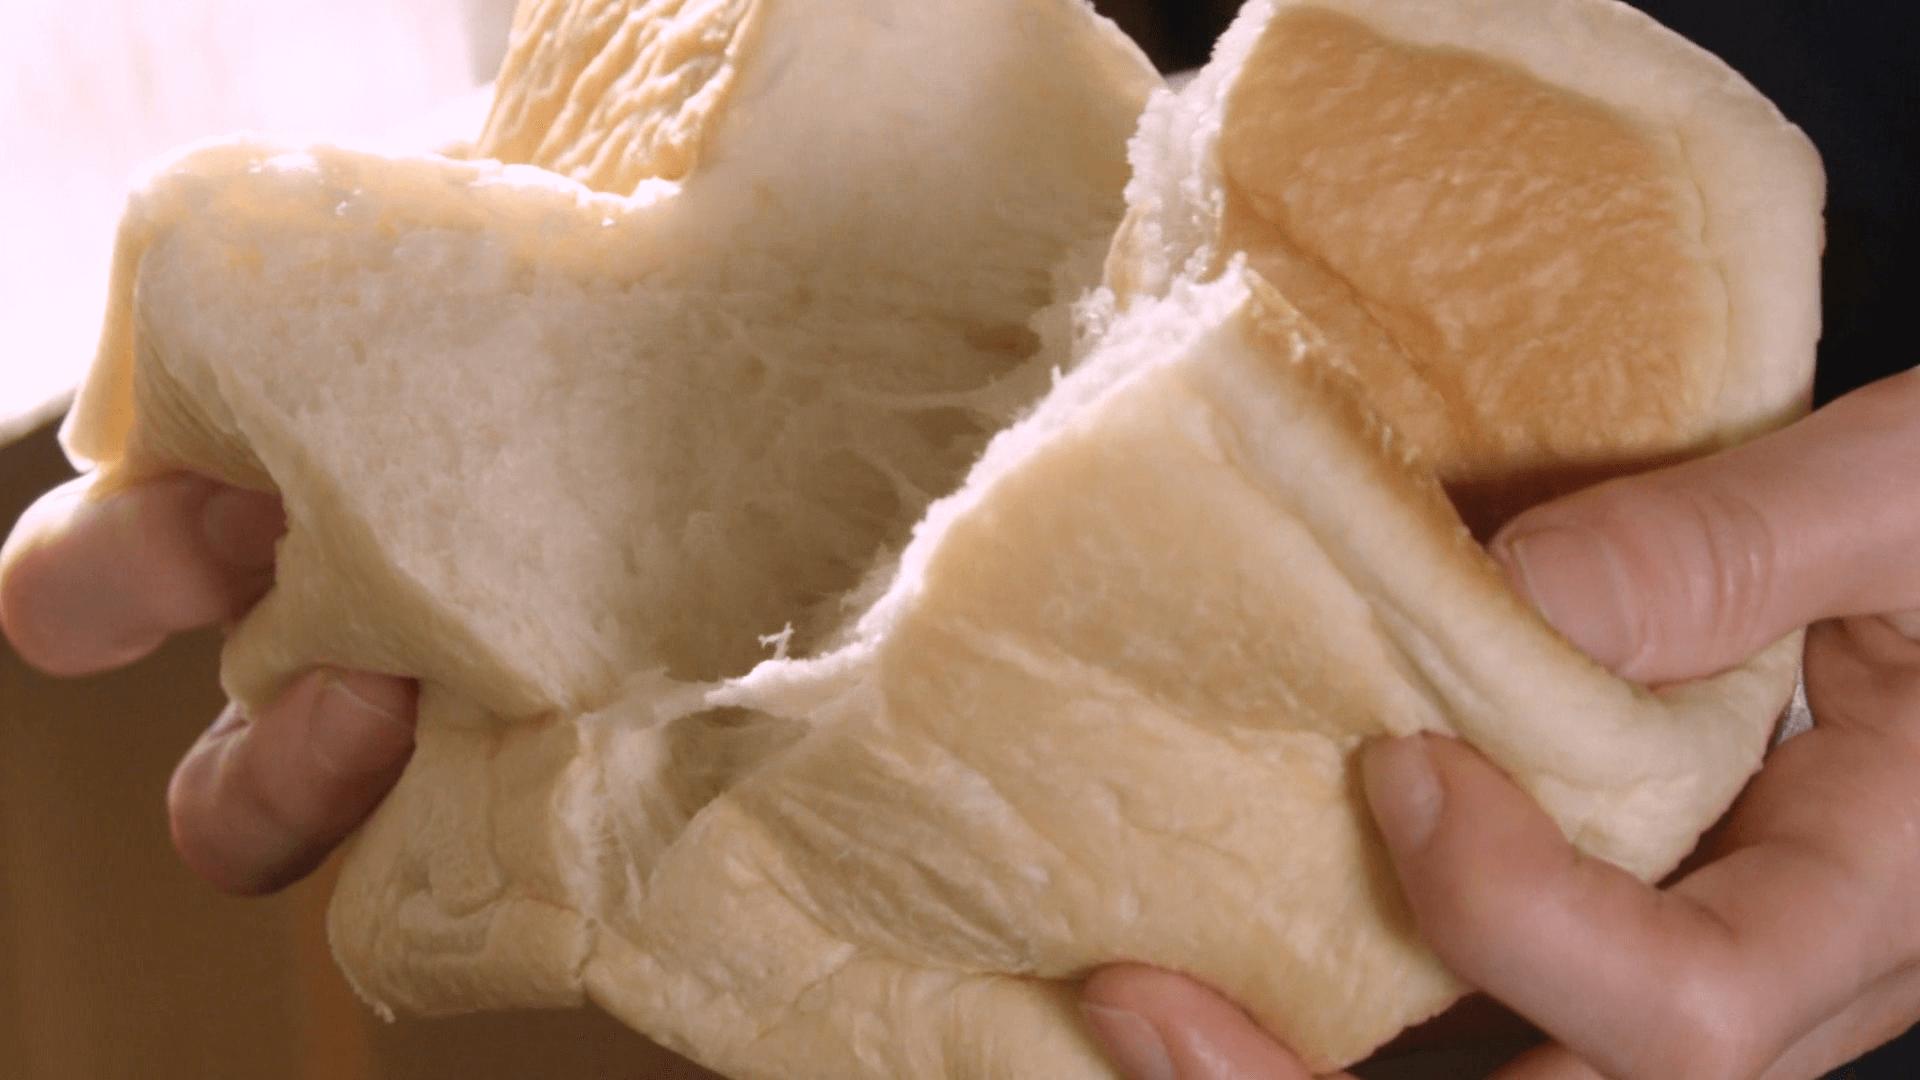 HARE/PAN(ハレパン)の純生食パン